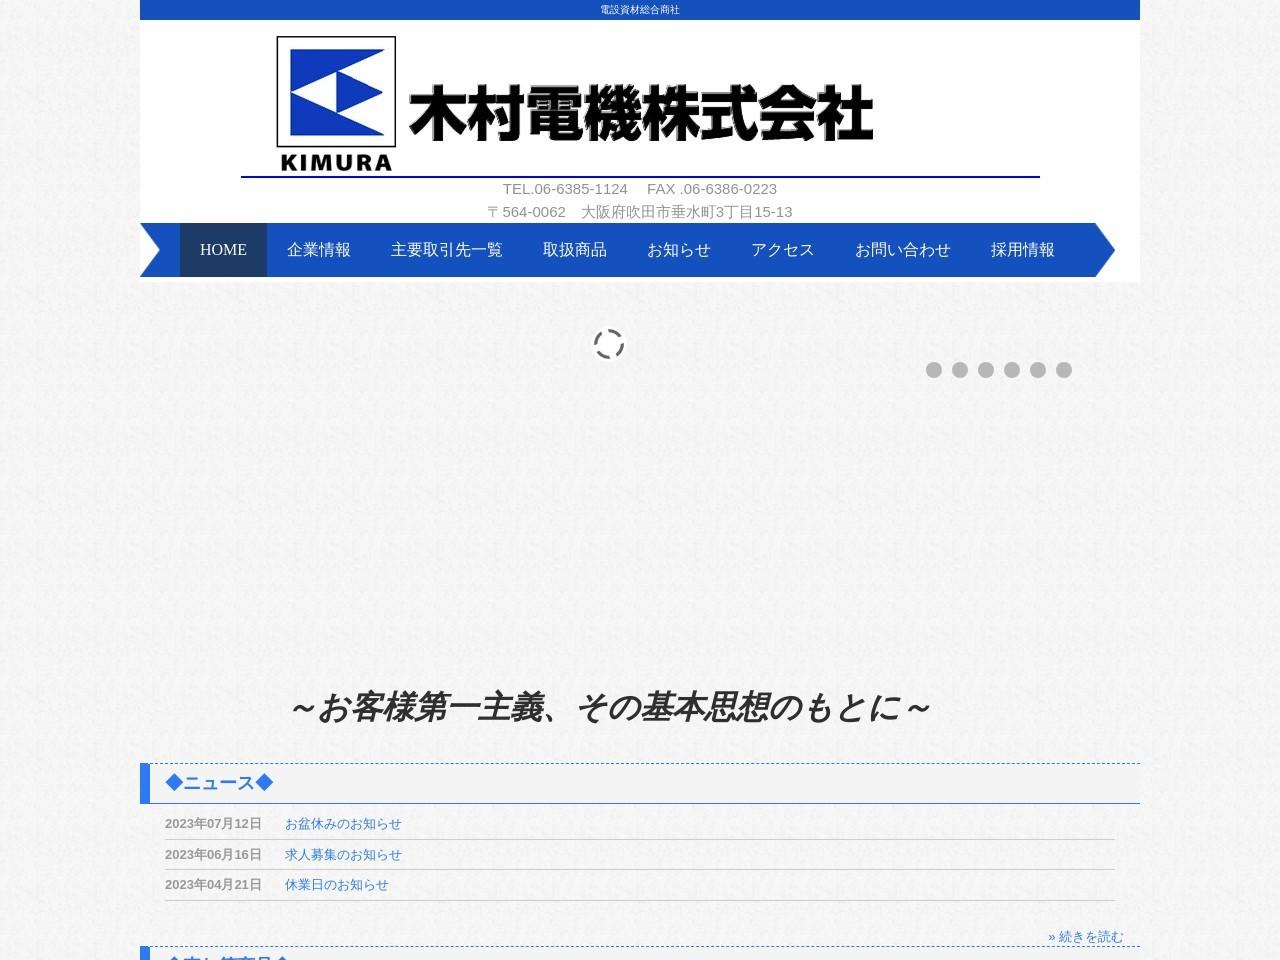 木村電機株式会社